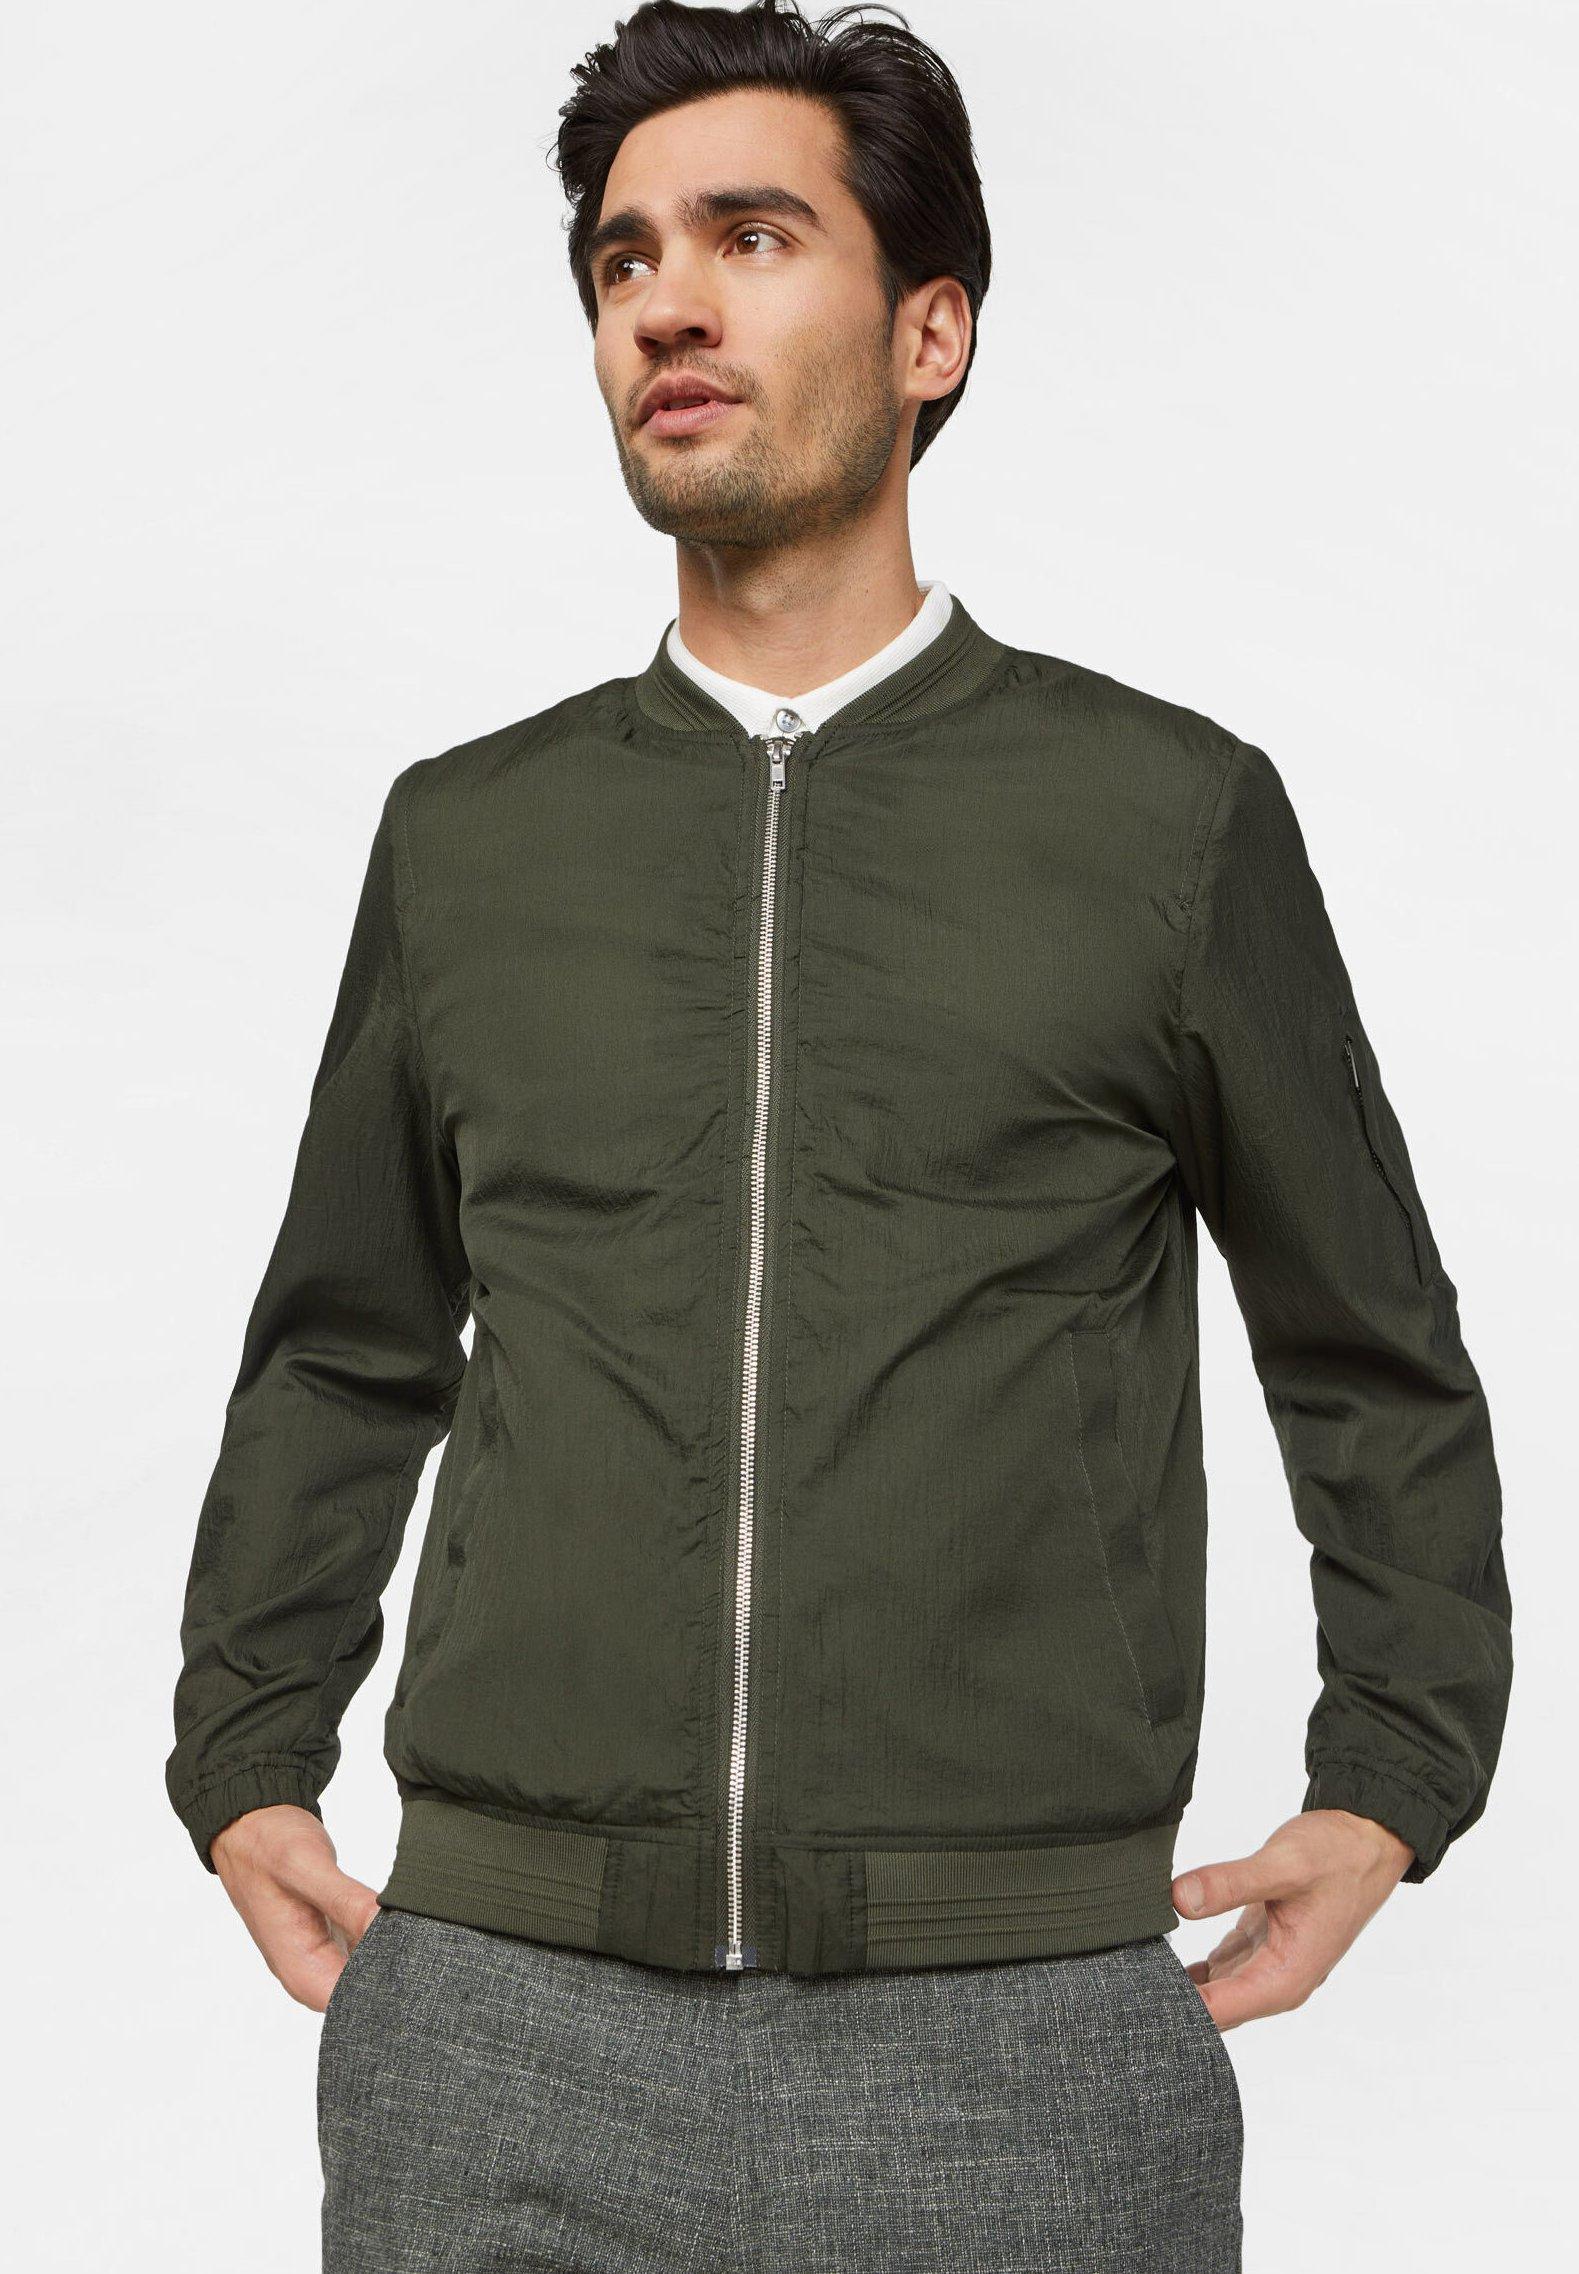 Boutique Vêtements homme WE Fashion WE FASHION HEREN LICHTGEWICHT BOMBERJACK Blouson Bomber army green 1XkSTnnA